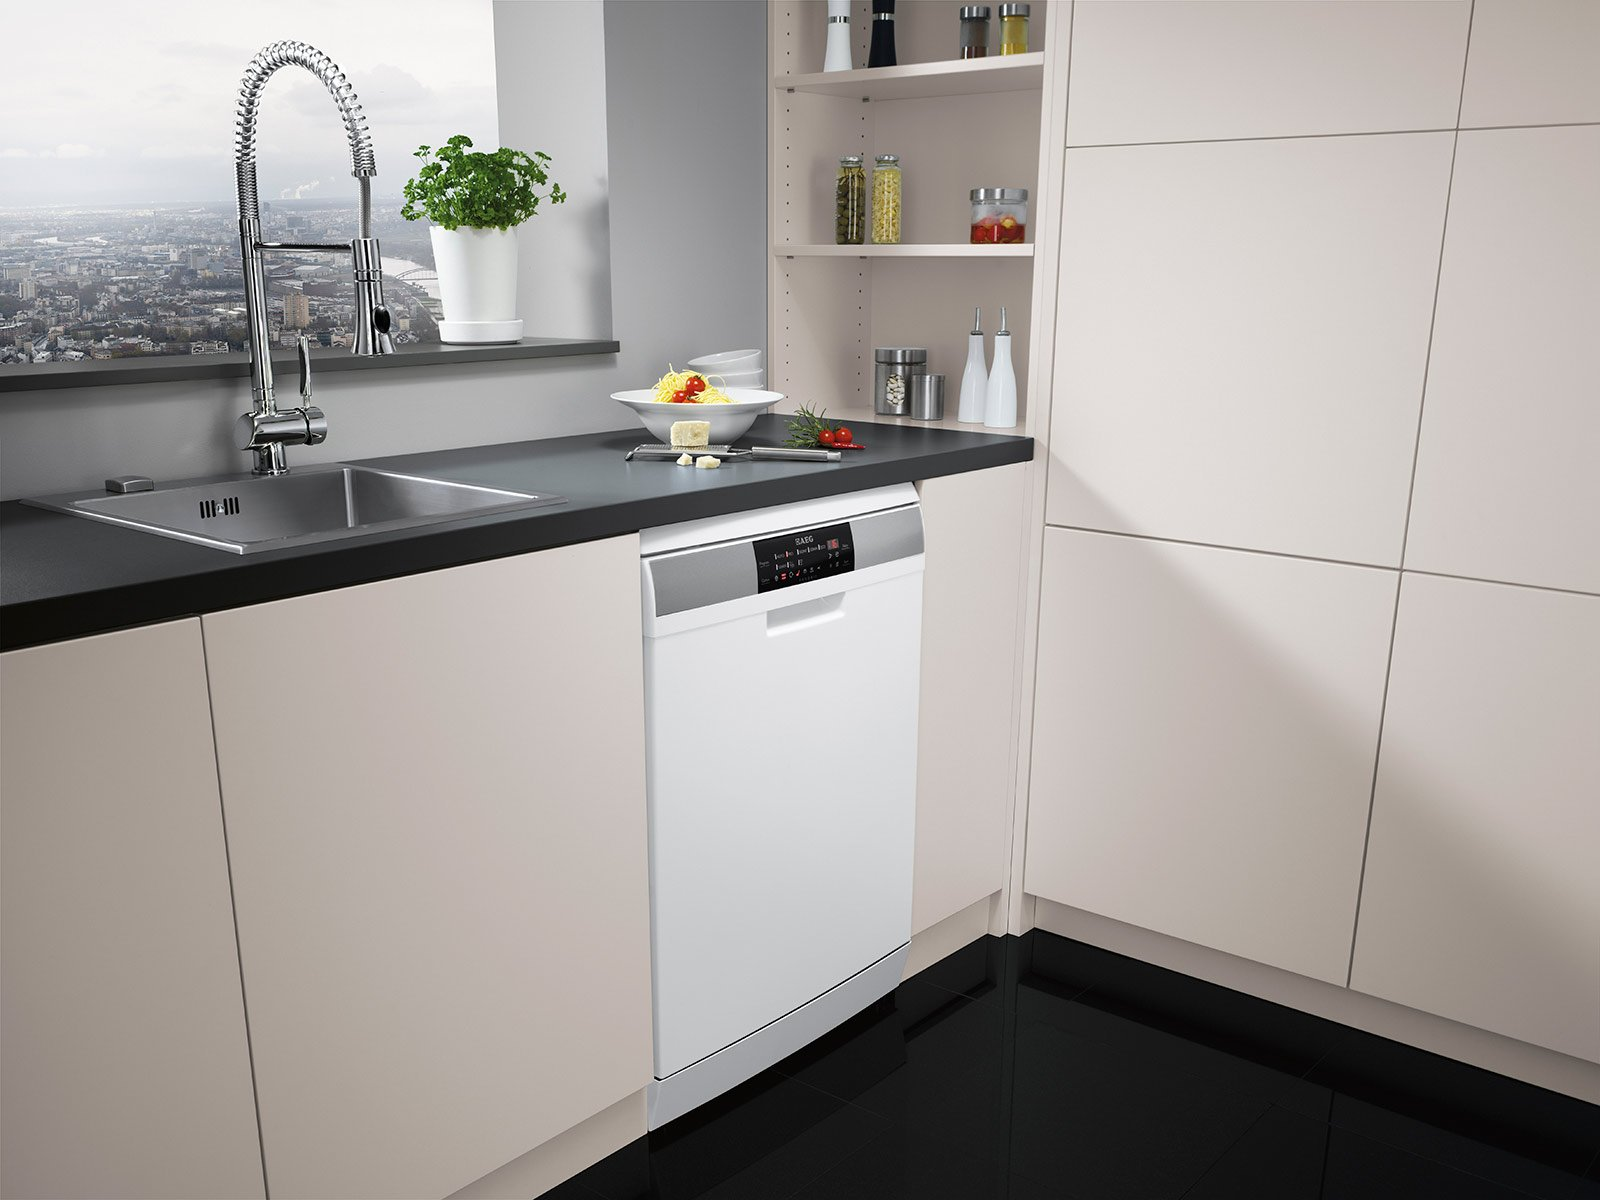 Elettrodomestici silenziosi cose di casa for La lavastoviglie